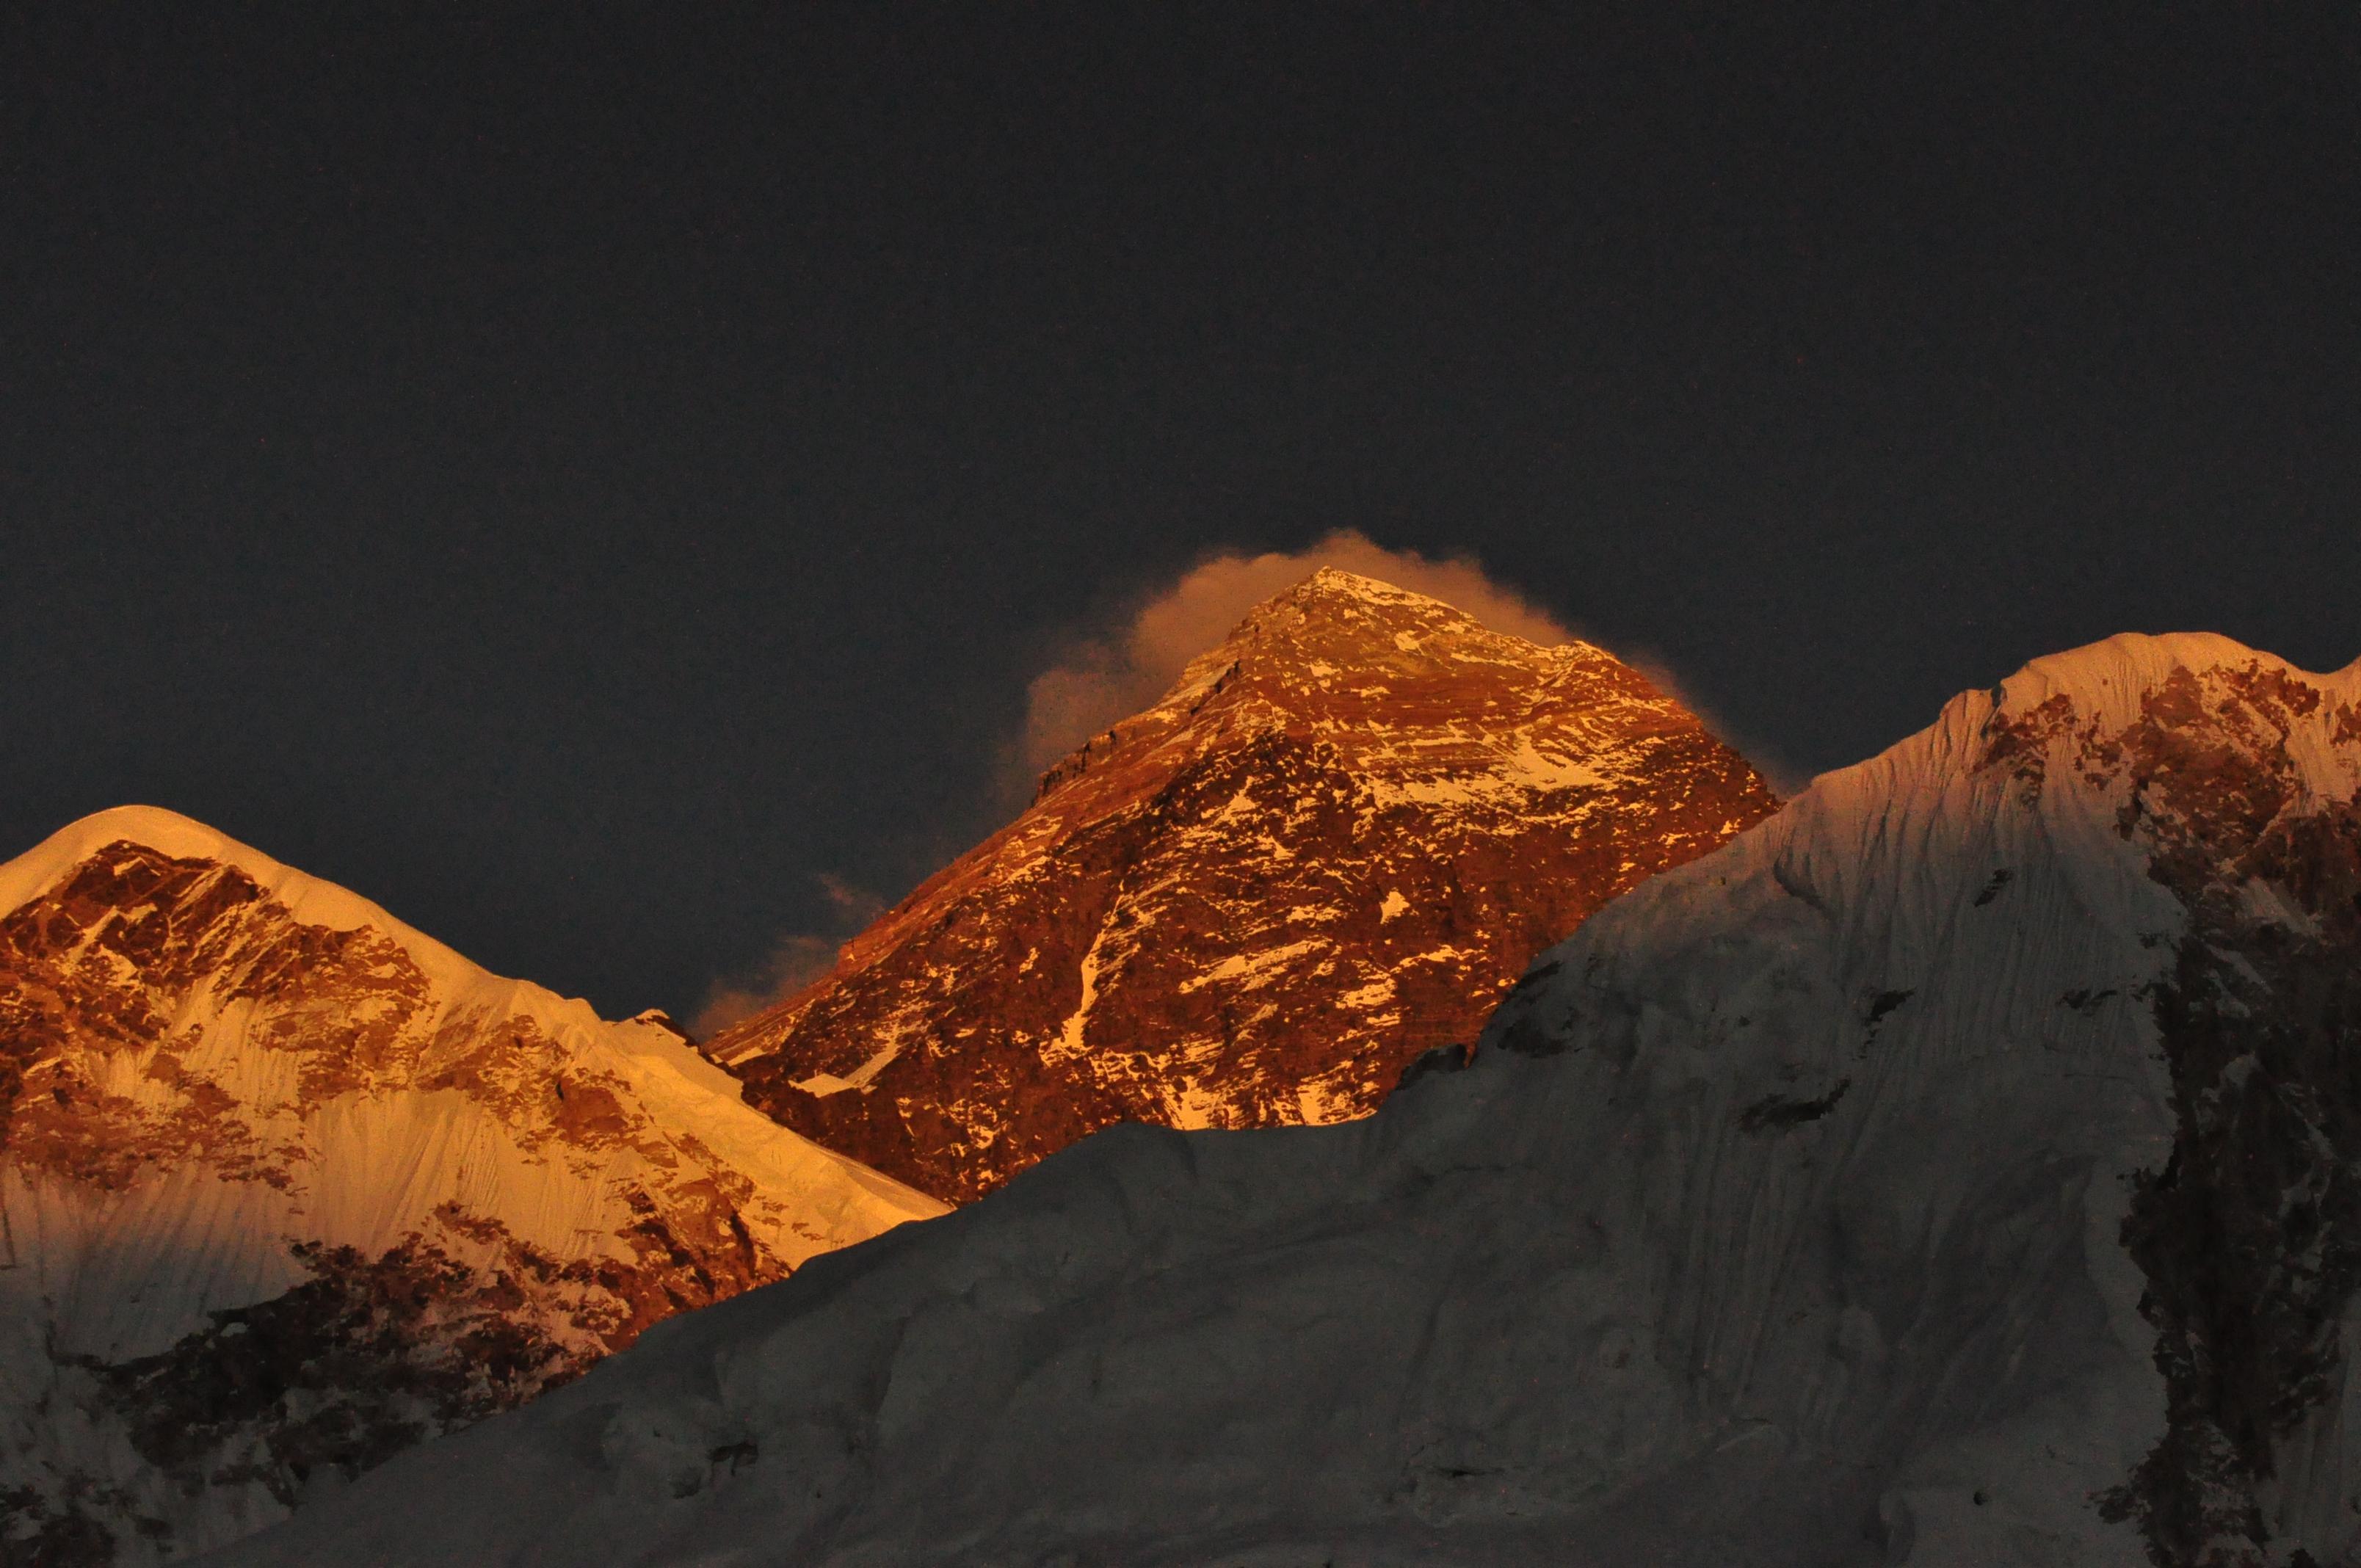 Több mint 400 ember mászta meg az Everestet tavasszal